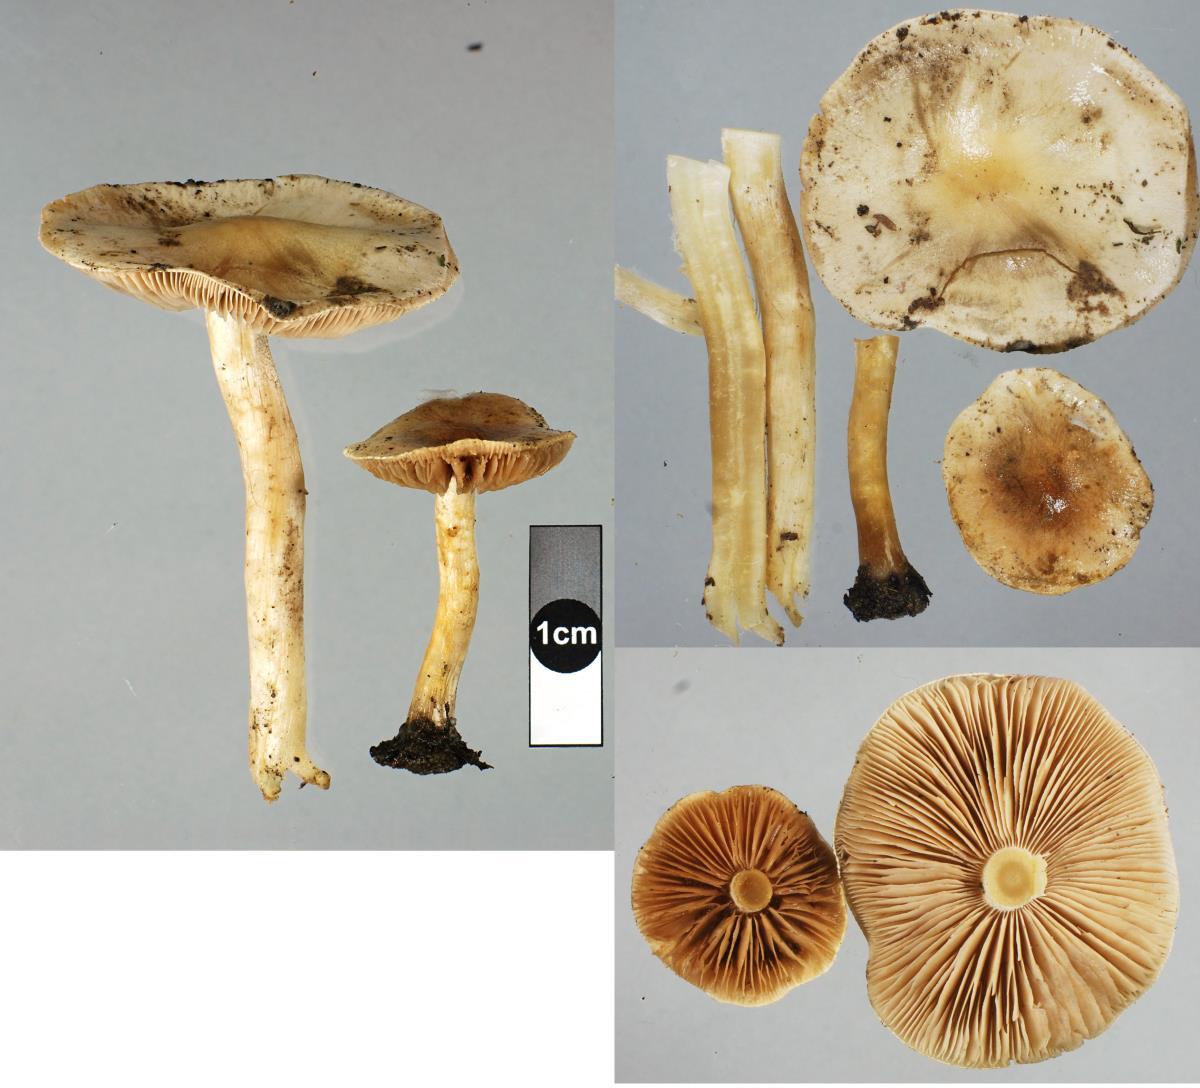 Image of Hebeloma pseudofragilipes